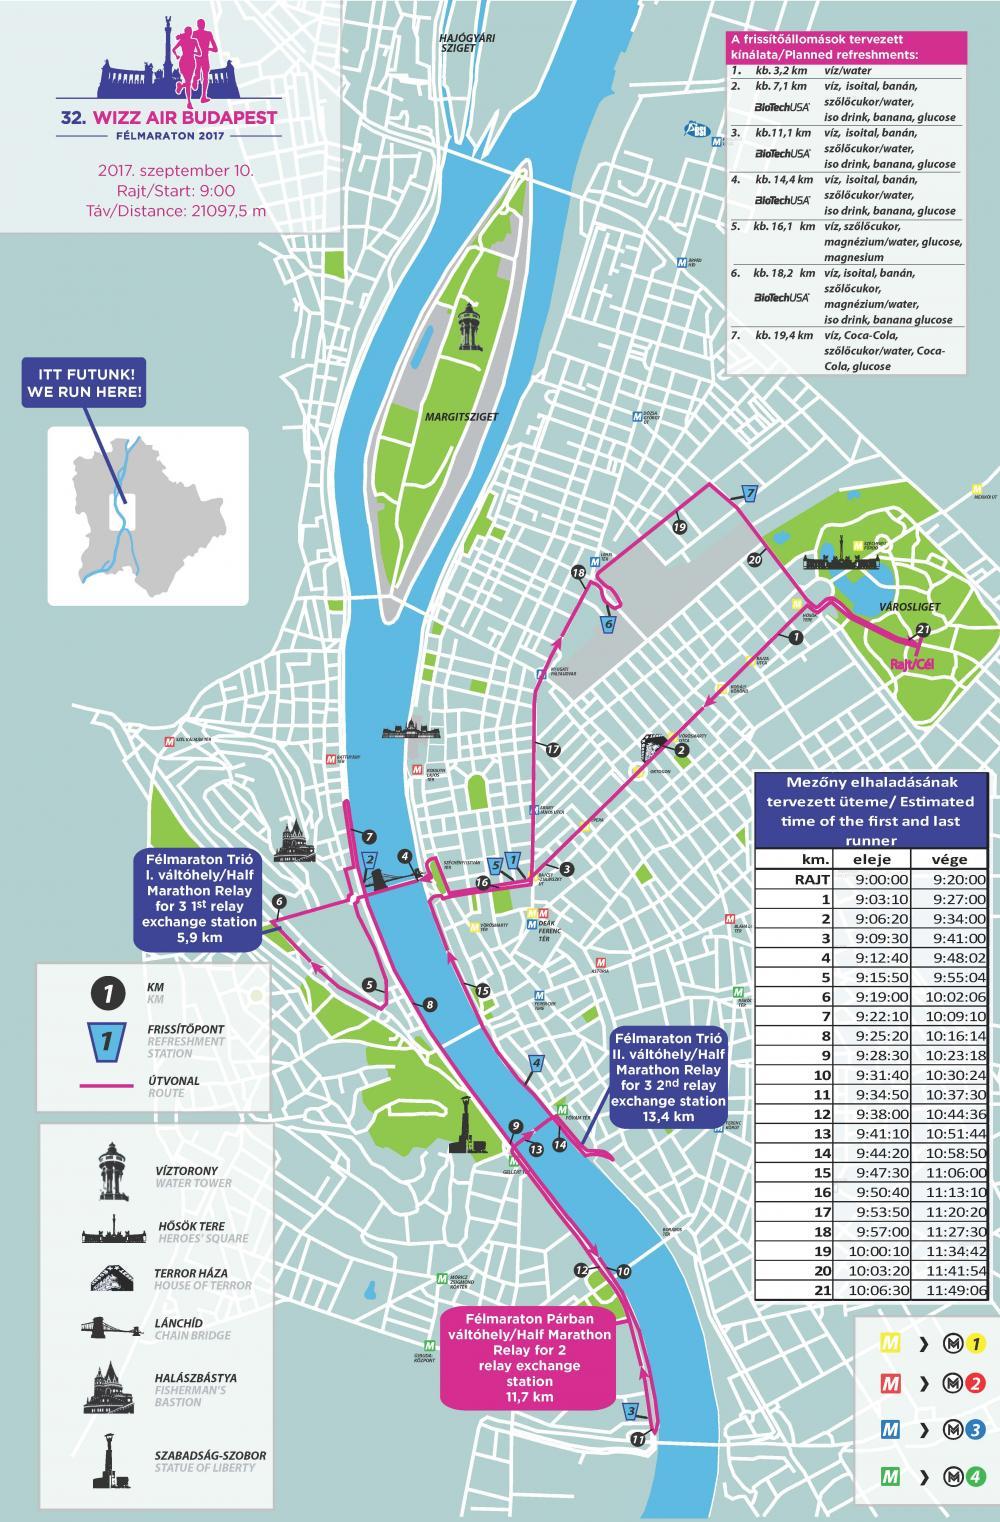 budapest virtuális térkép 32. Wizz Air Budapest Félmaraton térkép   Futanet.hu budapest virtuális térkép